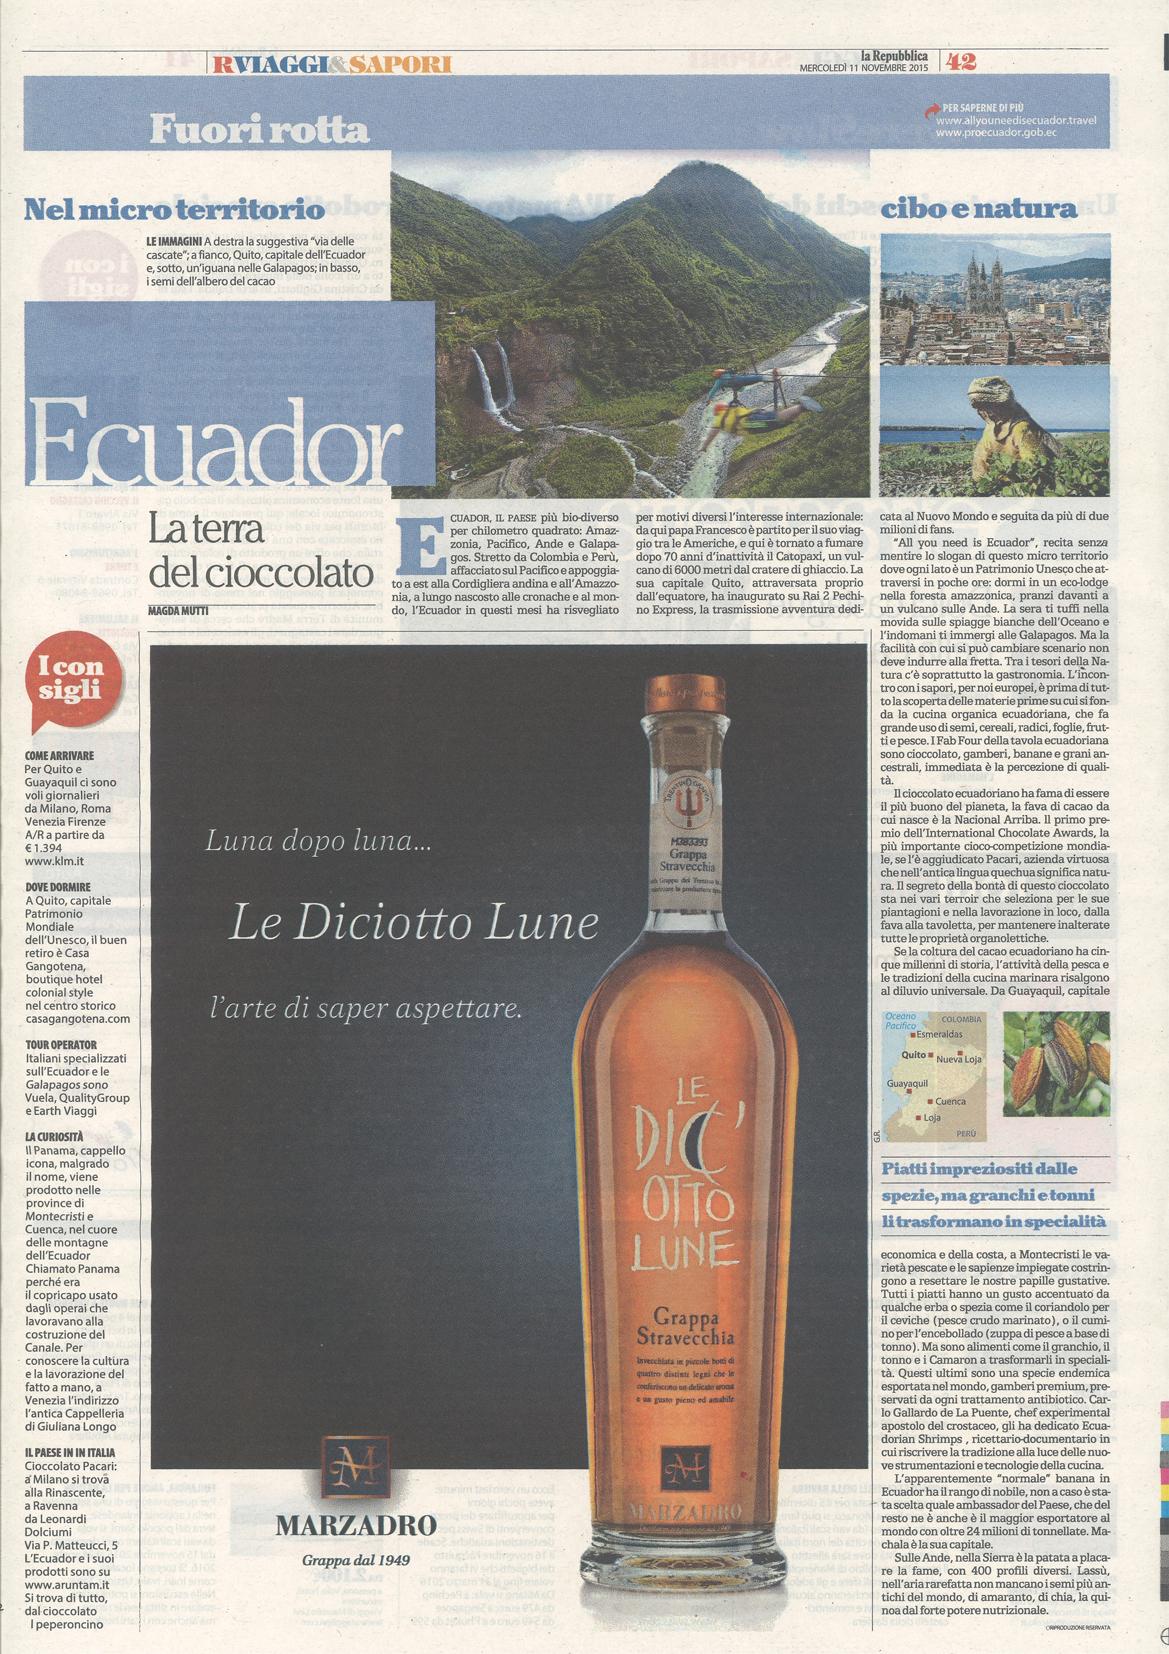 Repubblica_articolo